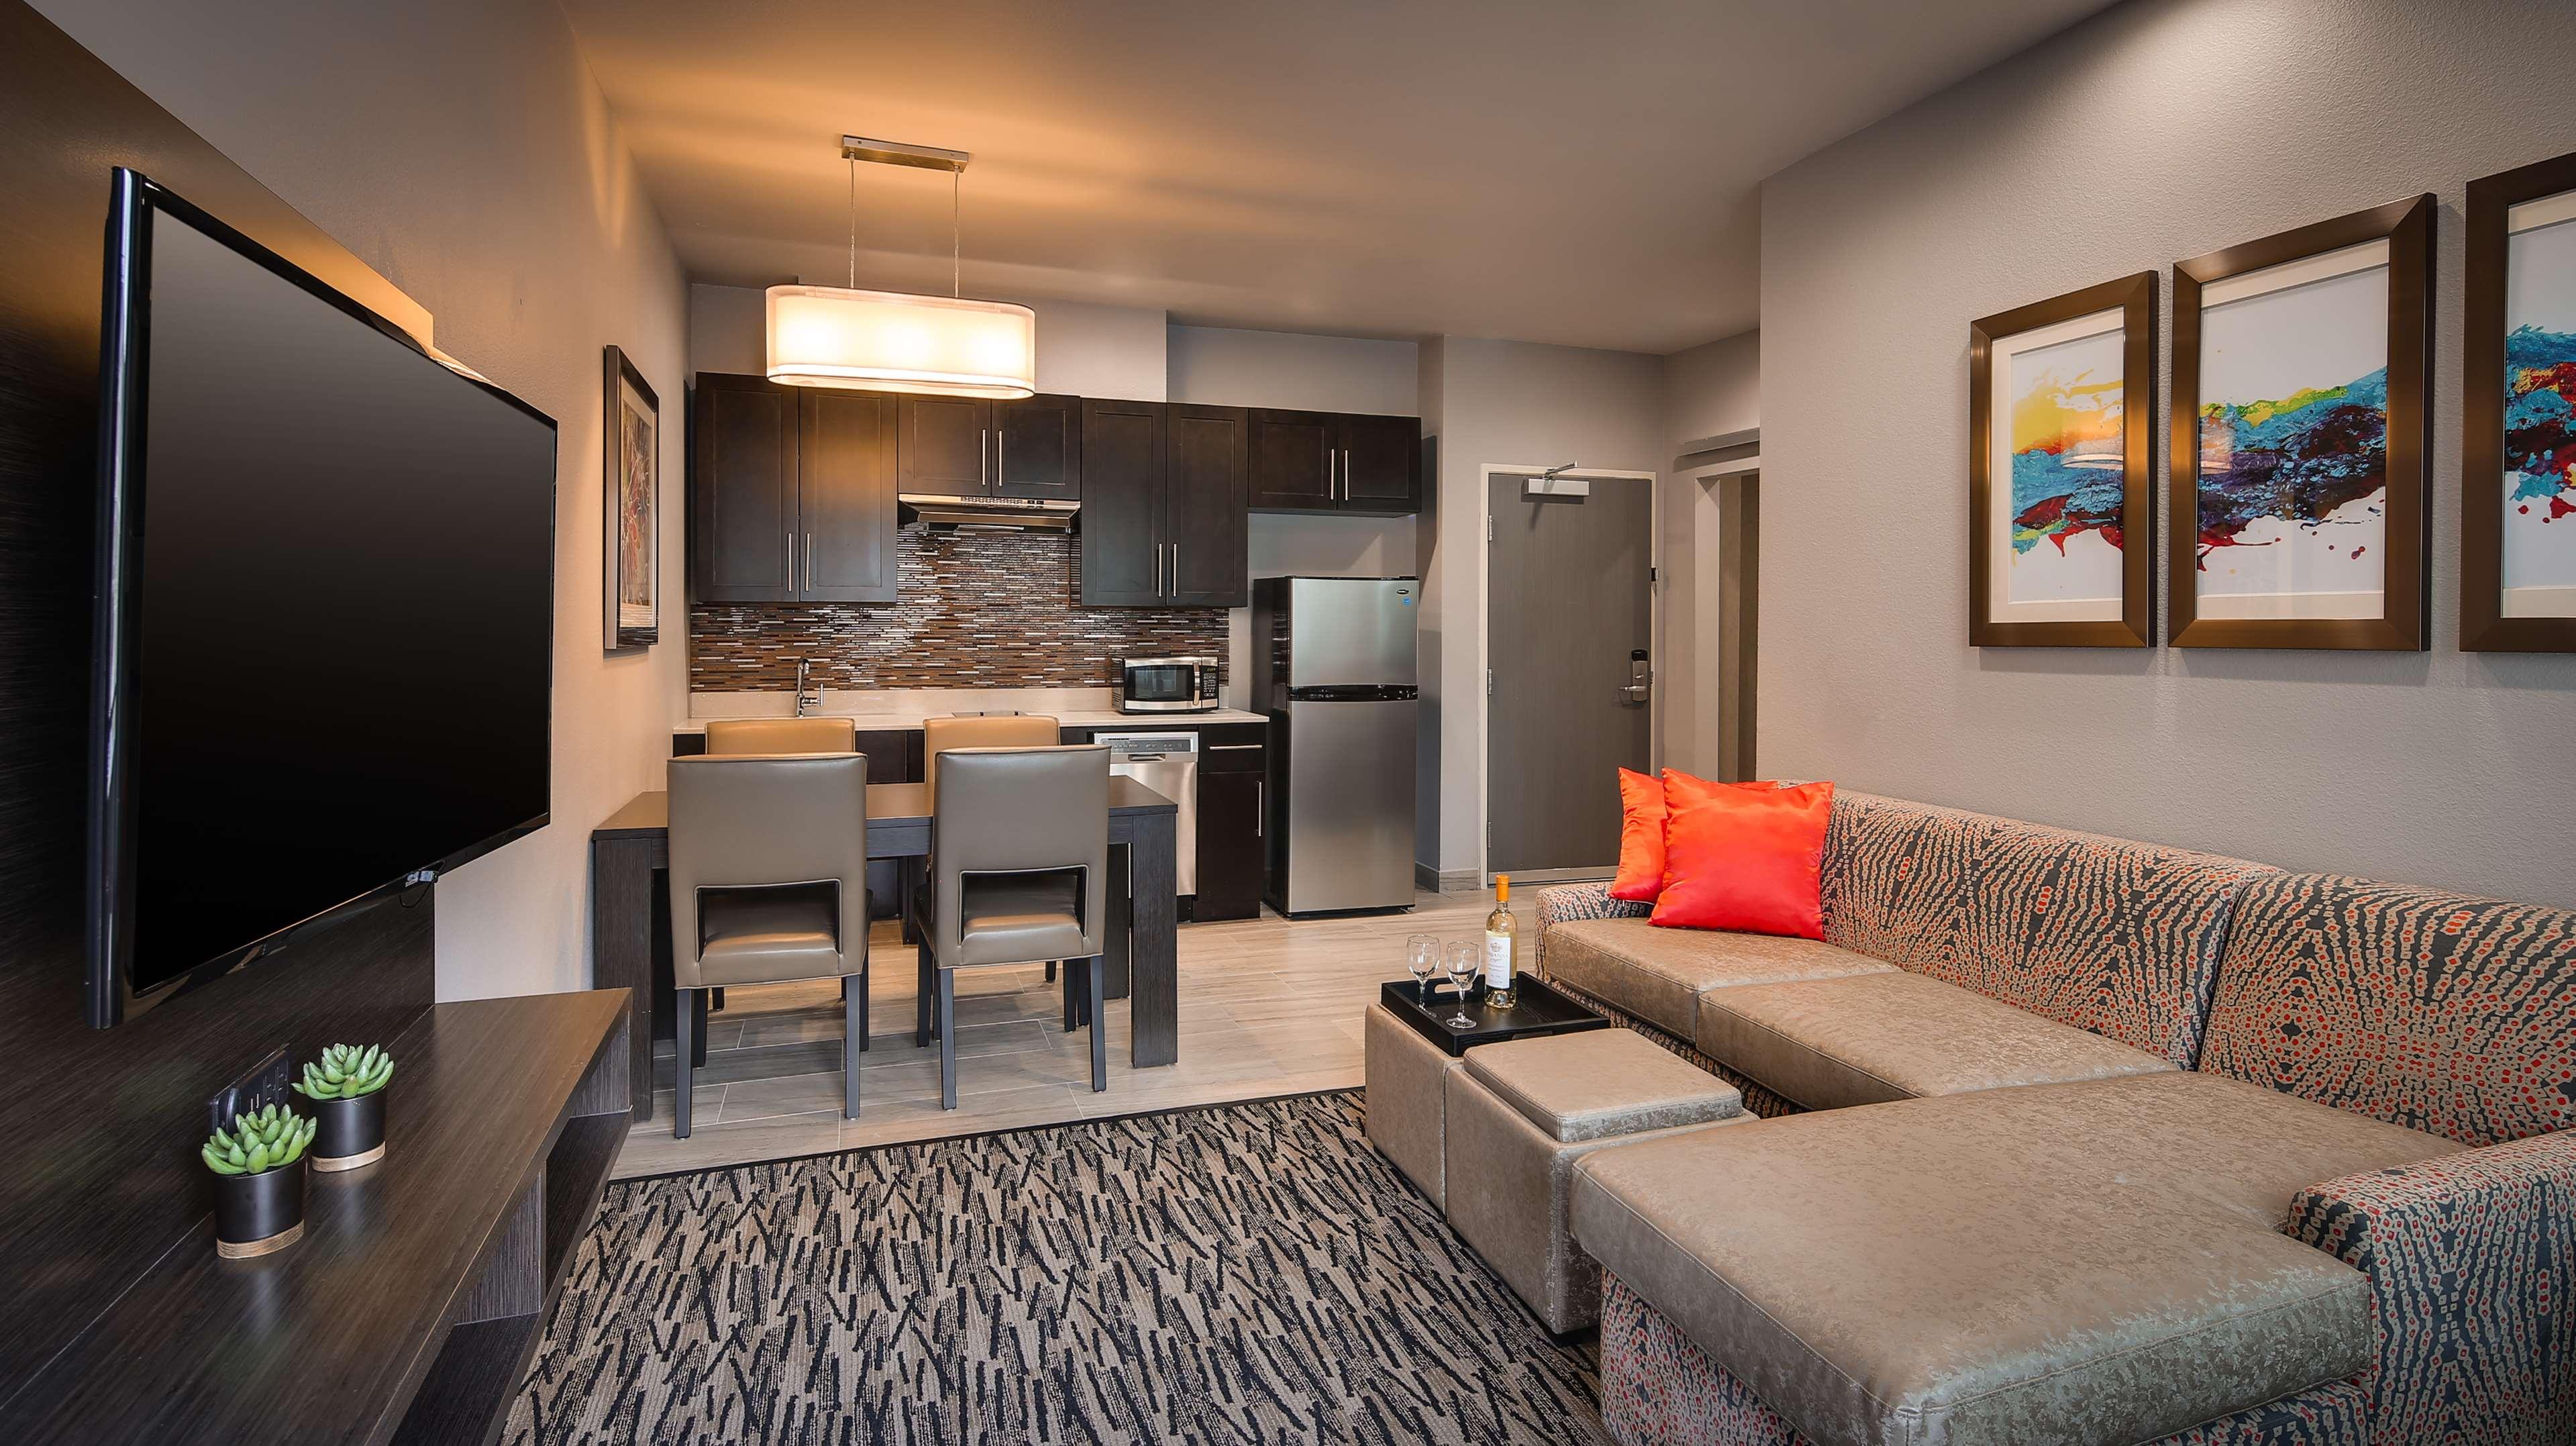 Best Western Plus Executive Residency Baytown image 30